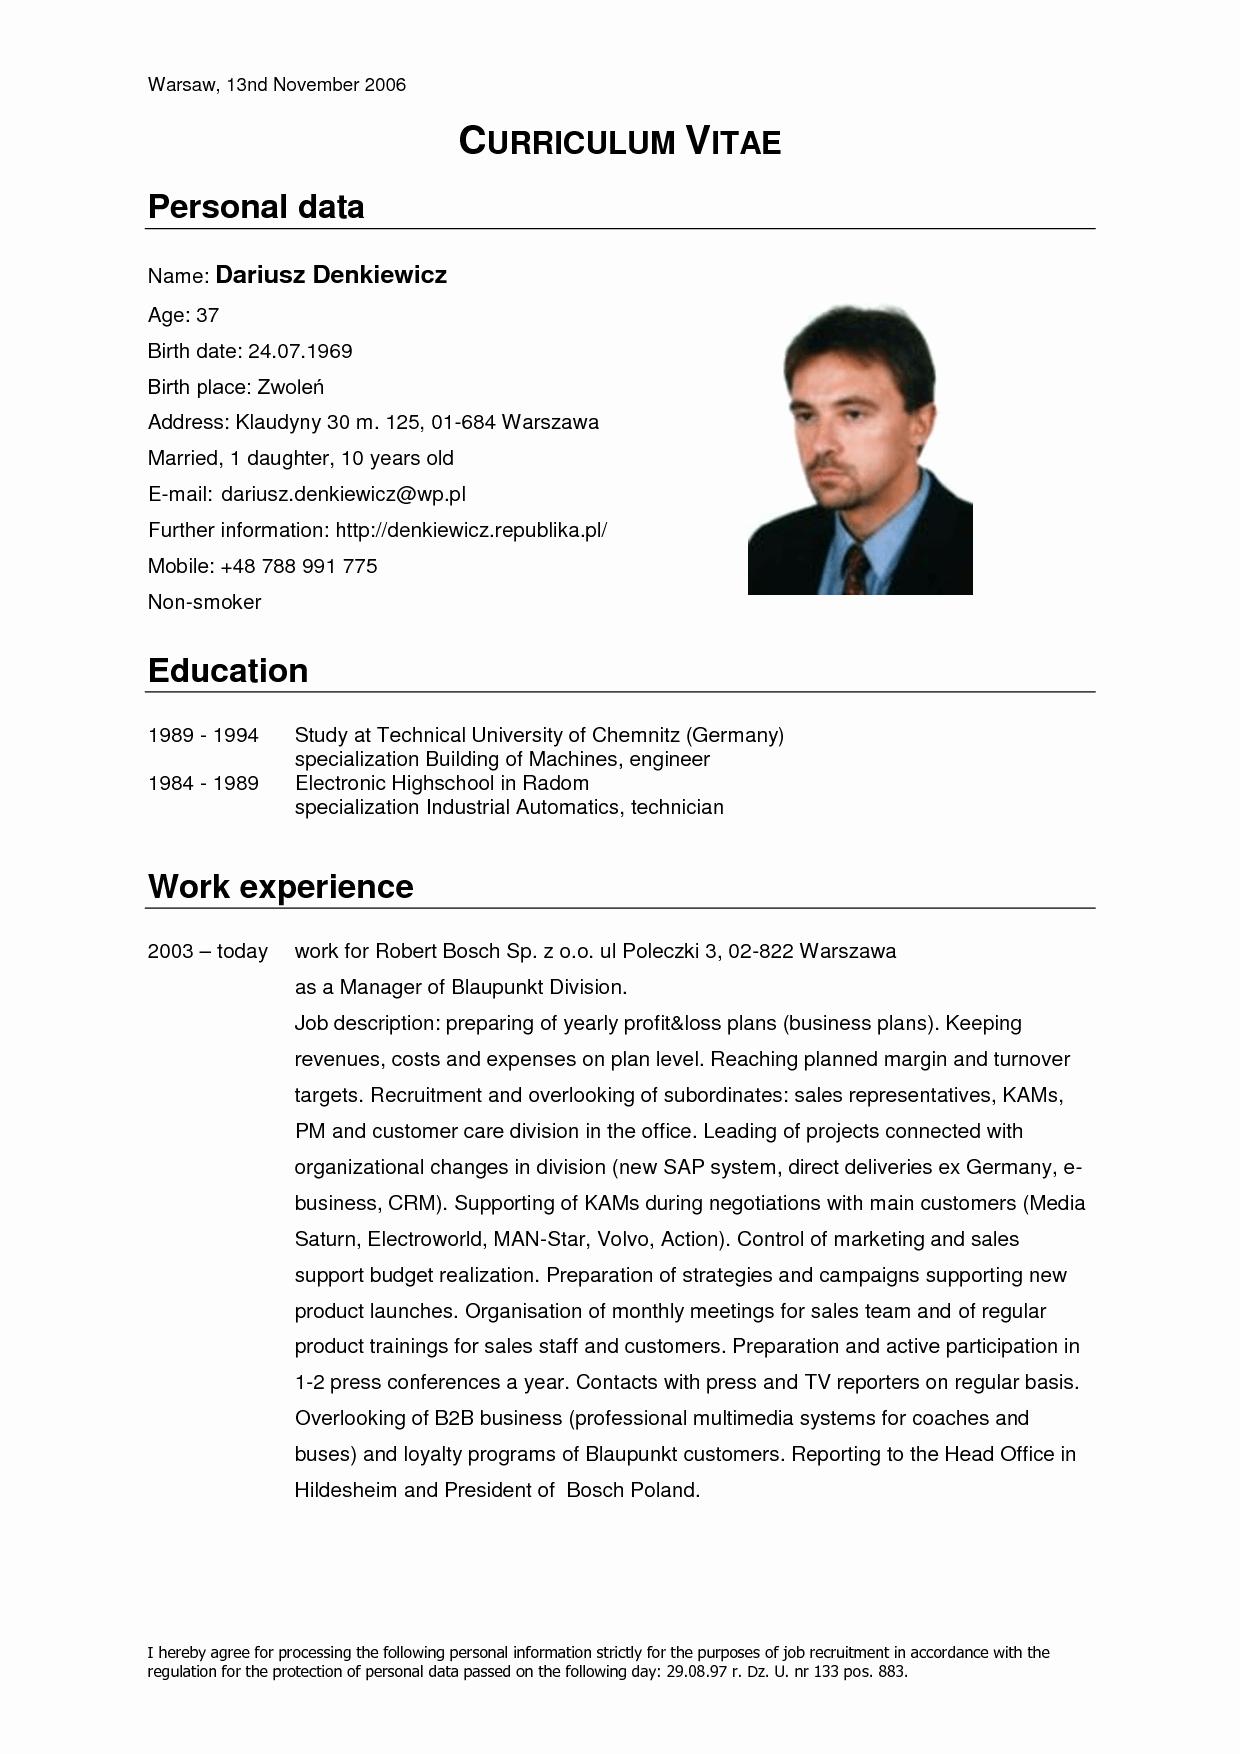 Sample Of Curriculum Vitae format Unique German Cv Template Doc